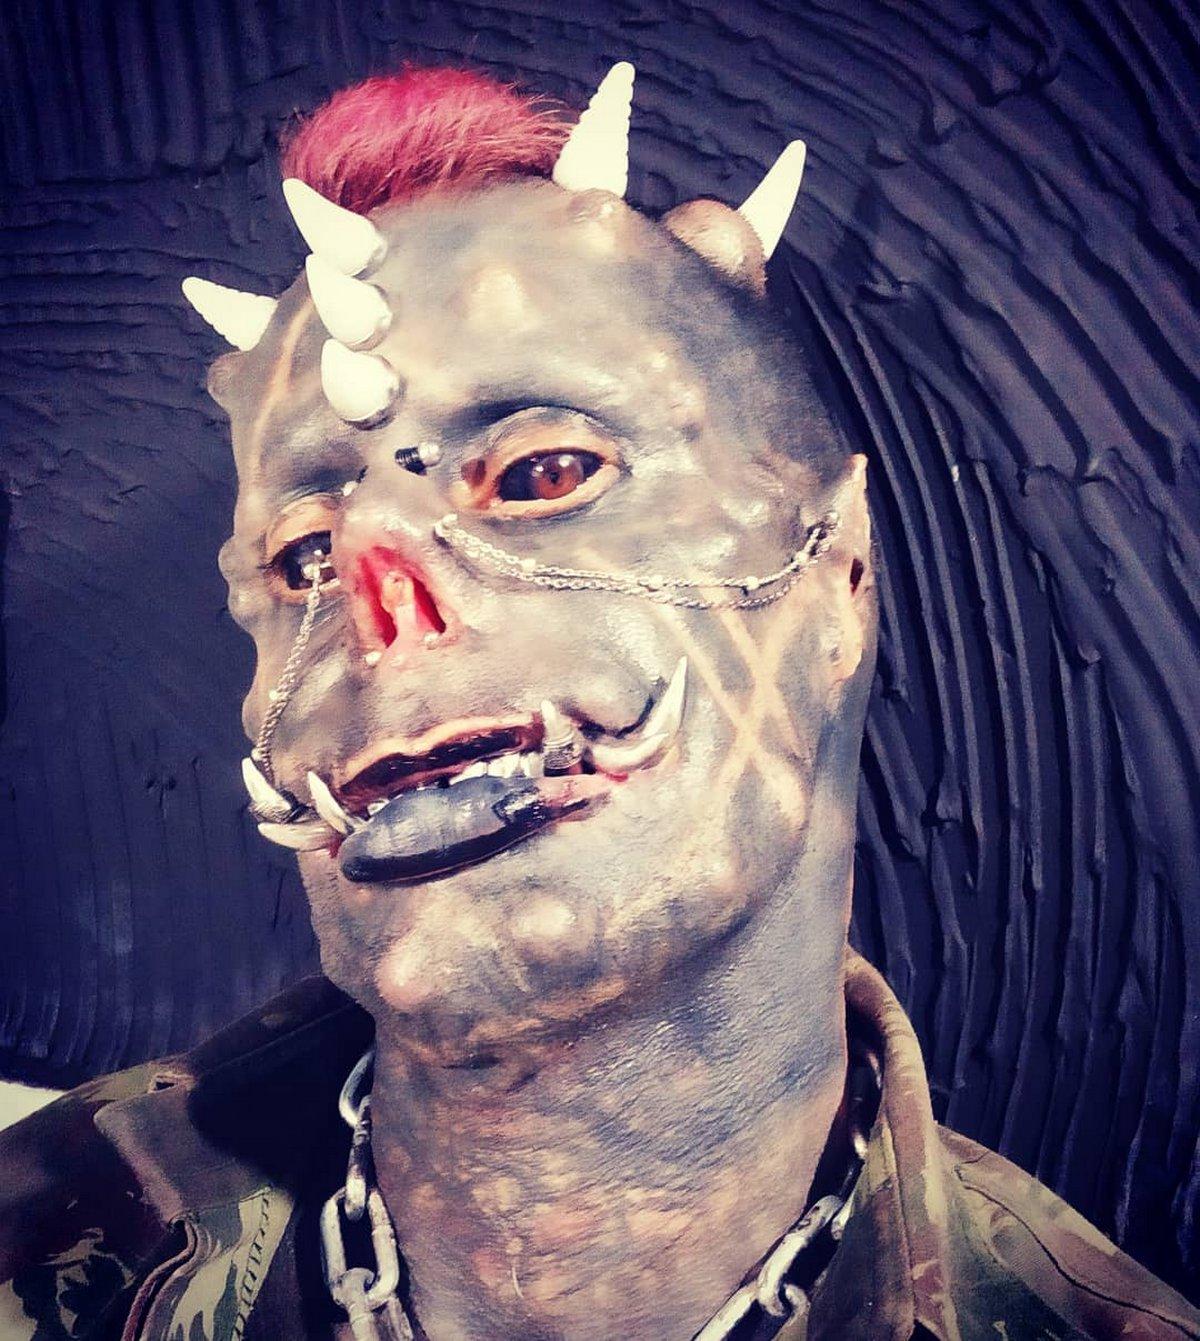 Ce «Satan humain» avec des défenses en métal montre à quoi il ressemblait avant sa transformation extrême